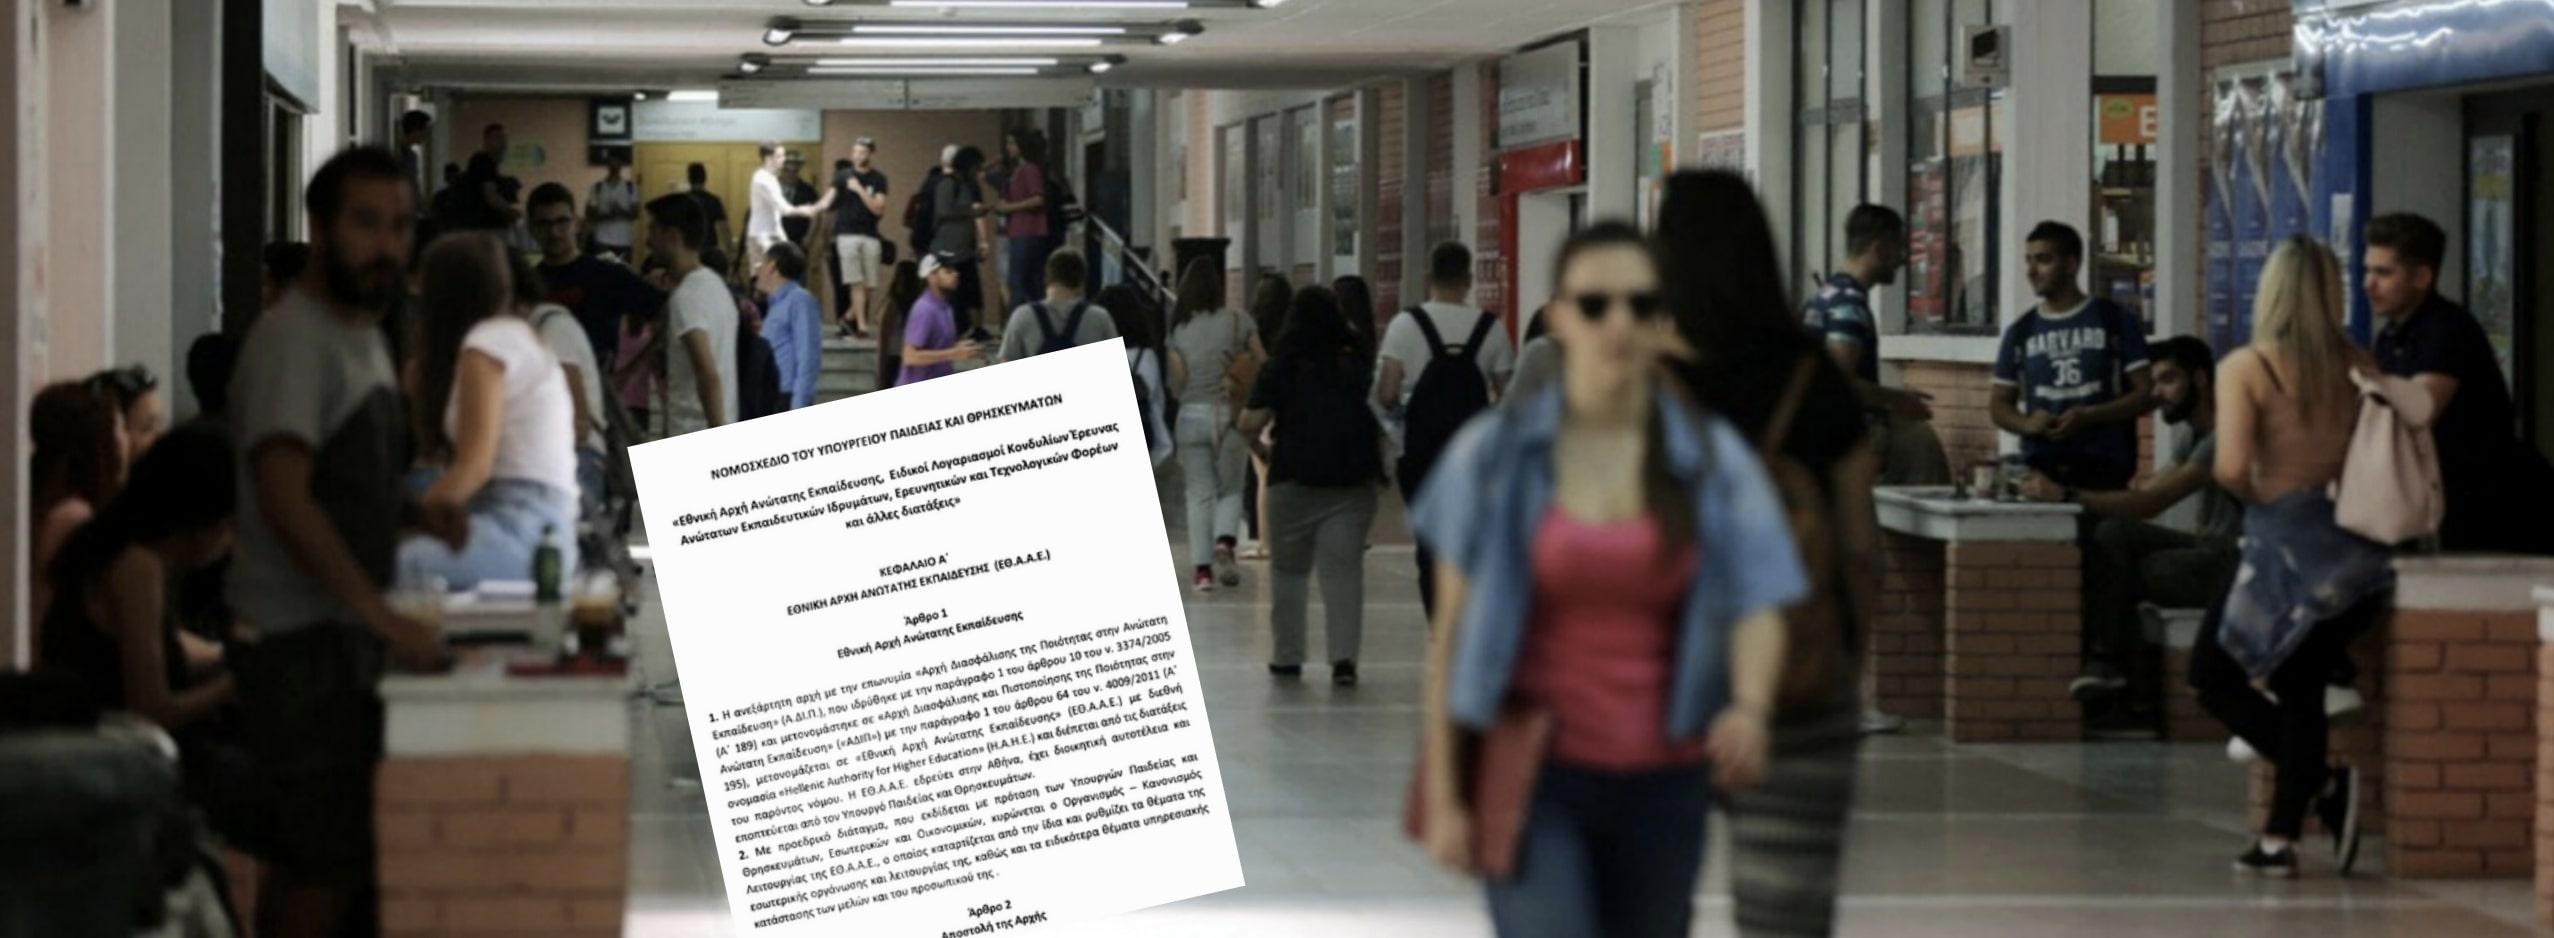 Δείτε το Νομοσχέδιο του Υπουργείου Παιδείας όπως ψηφίστηκε στη Βουλή με όλες τις διορθώσεις (ΤΕΛΙΚΟ)